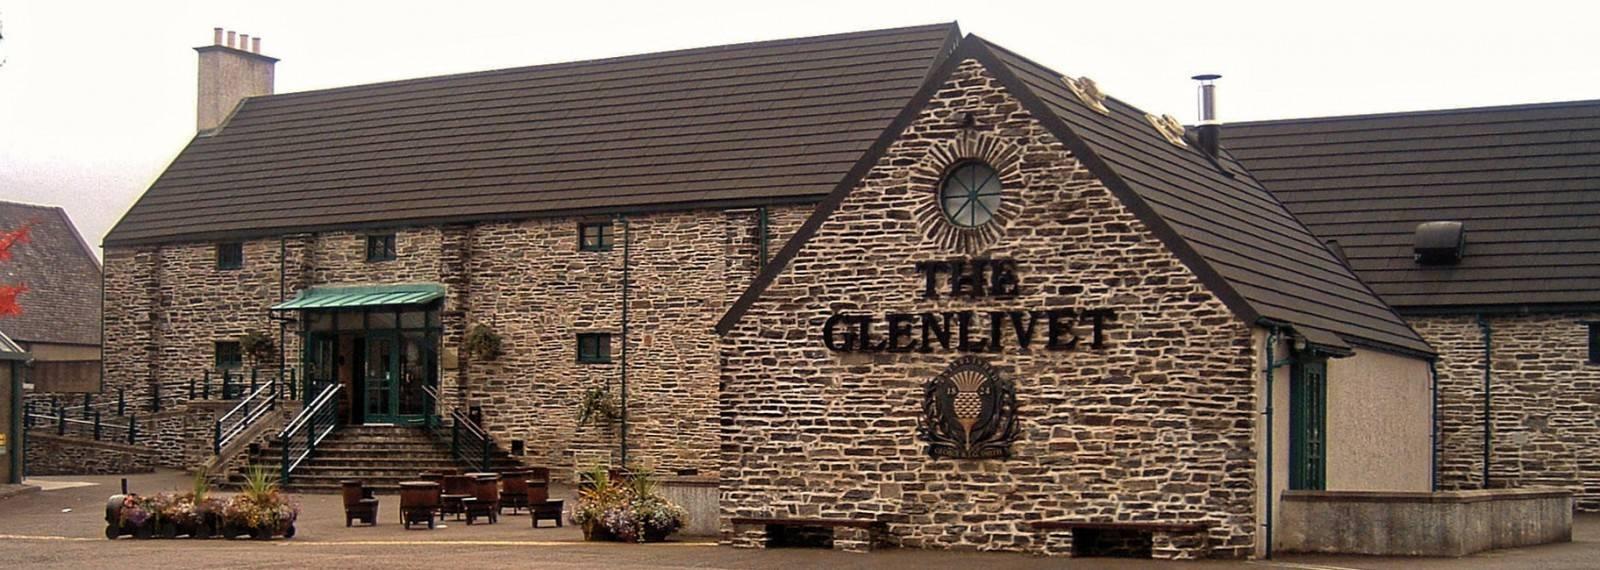 Nummer 1: Glenlivet (Besucherzentrum)